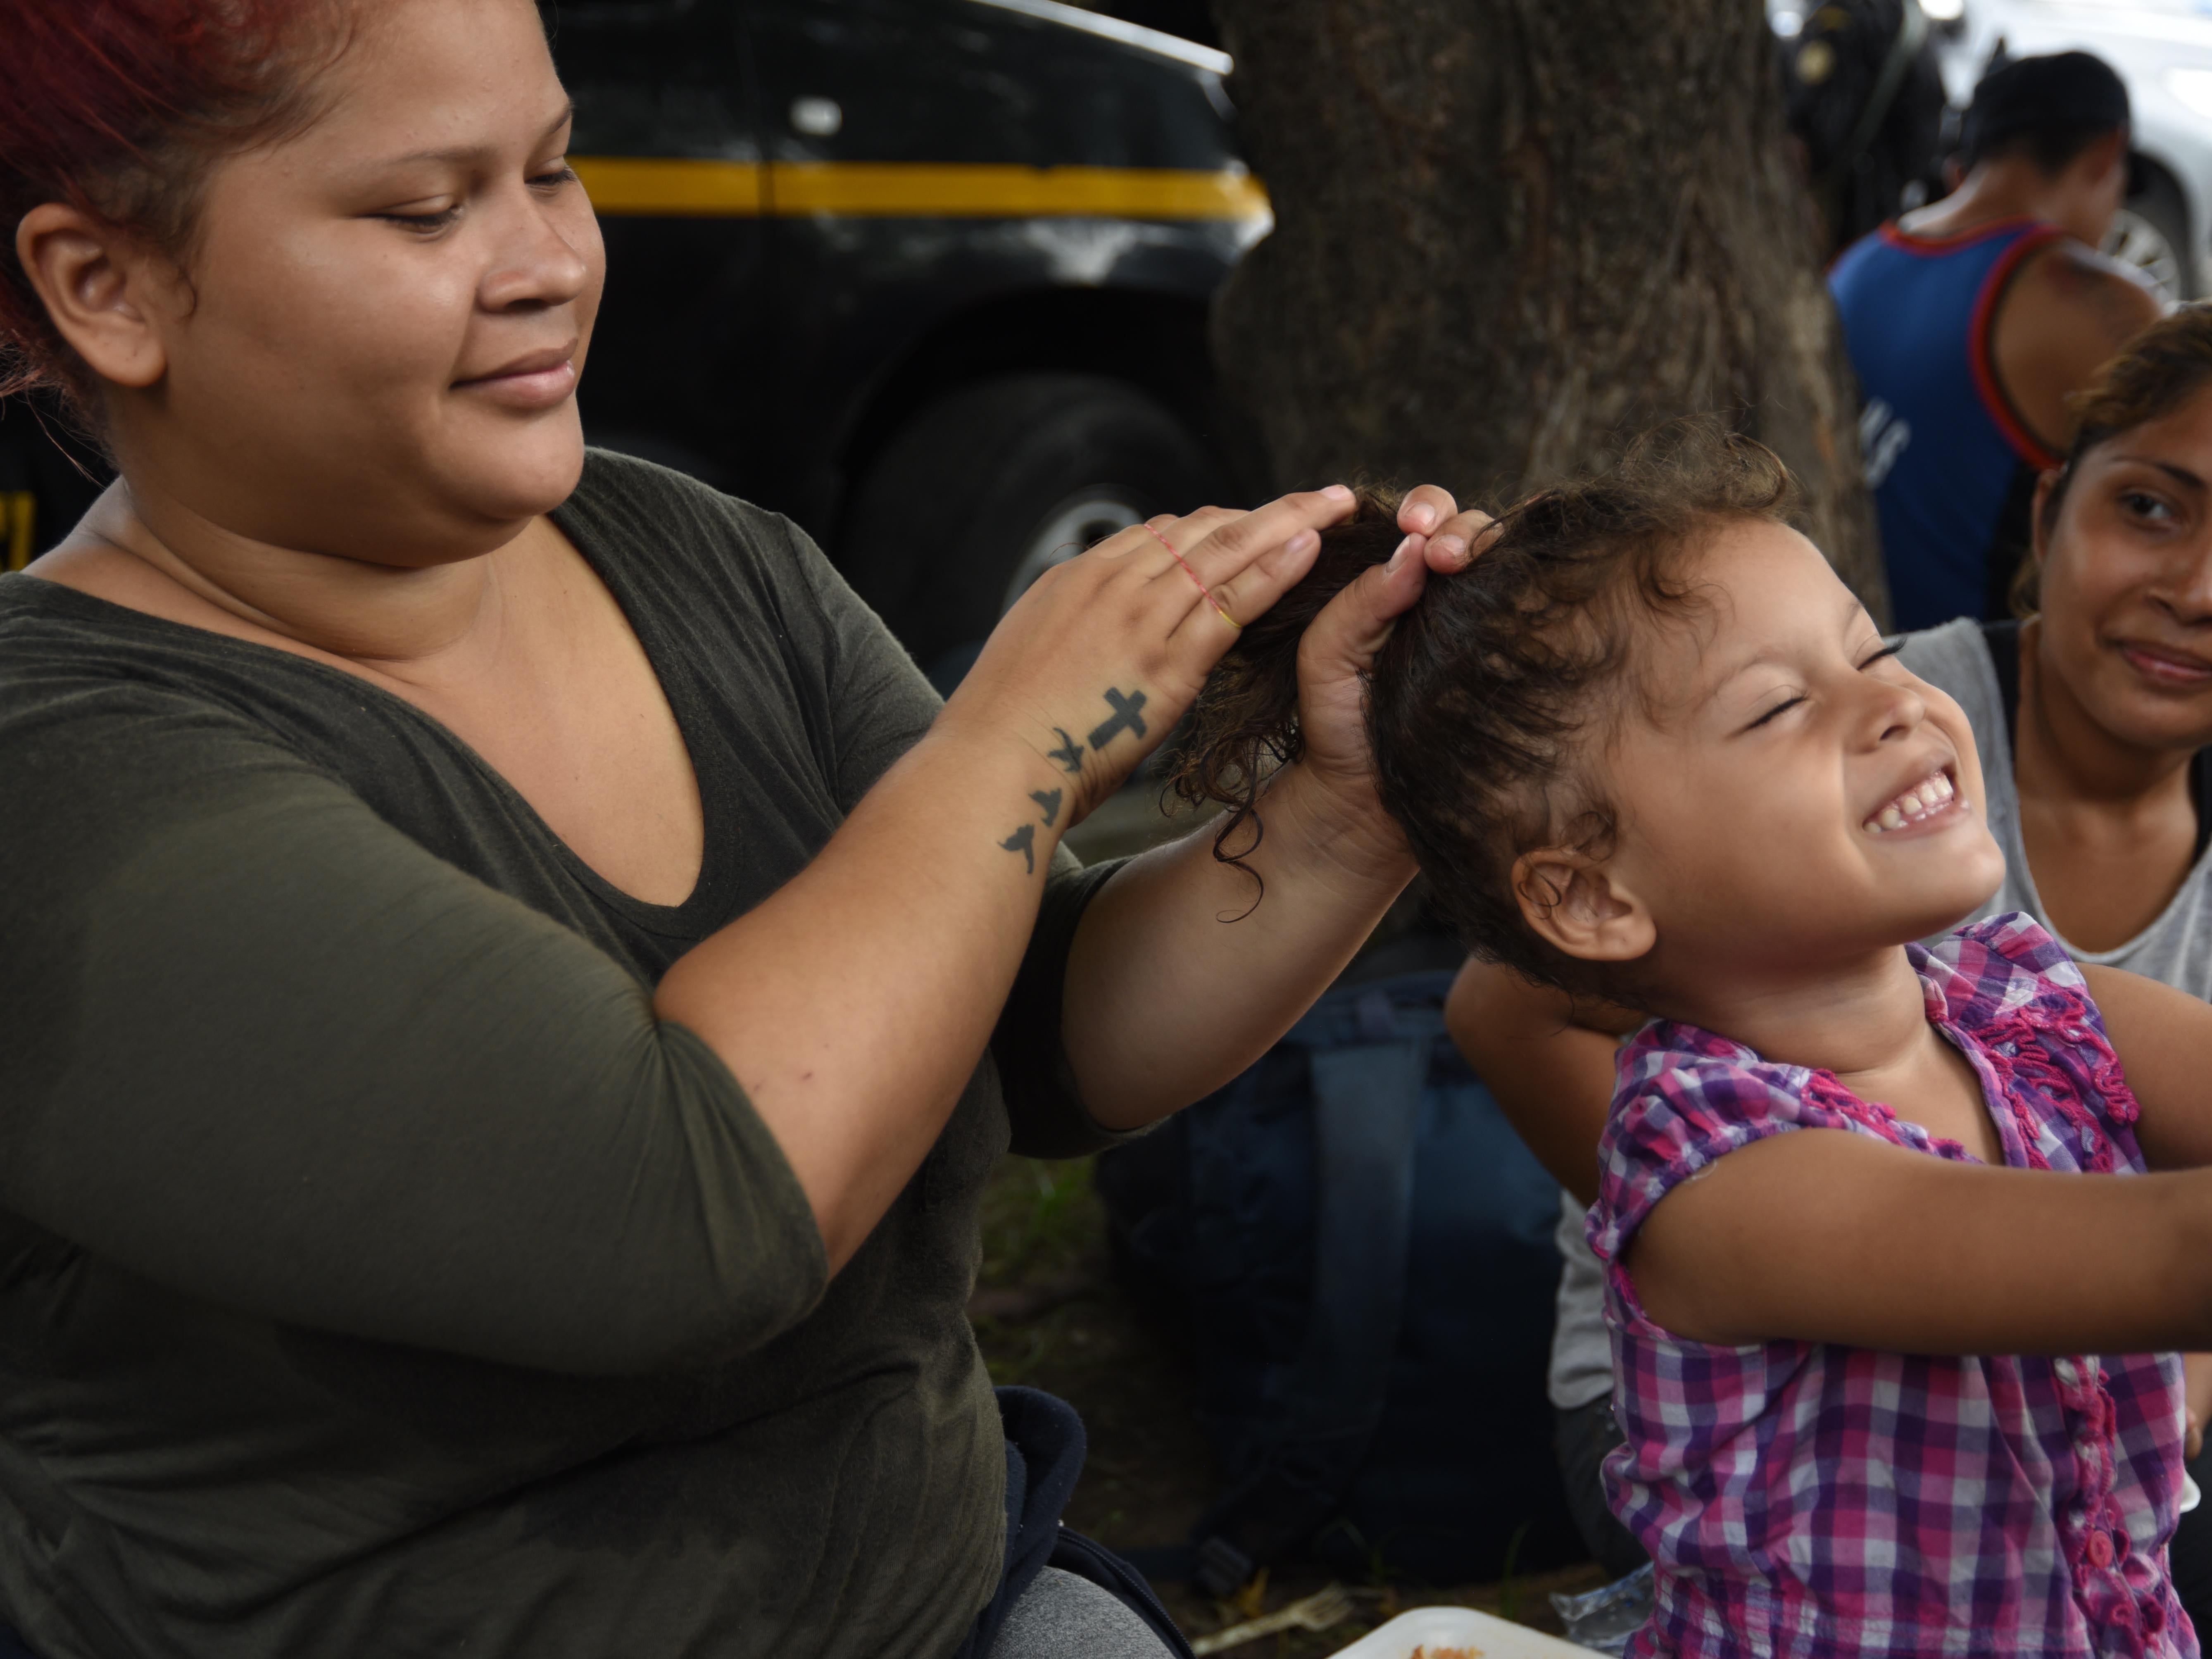 Una madre peina a su hijita. Estos son los rostros de los migrantes centroamericanos que huyen de la pobreza y violencia que se vive en sus países; y que por medio de una caravana caminan cientos de kilómetros cruzando ciudades, ríos, carreteras, bosques y fronteras, con el firme propósito de hacer realidad su sueño de llegar a los Estados Unidos.